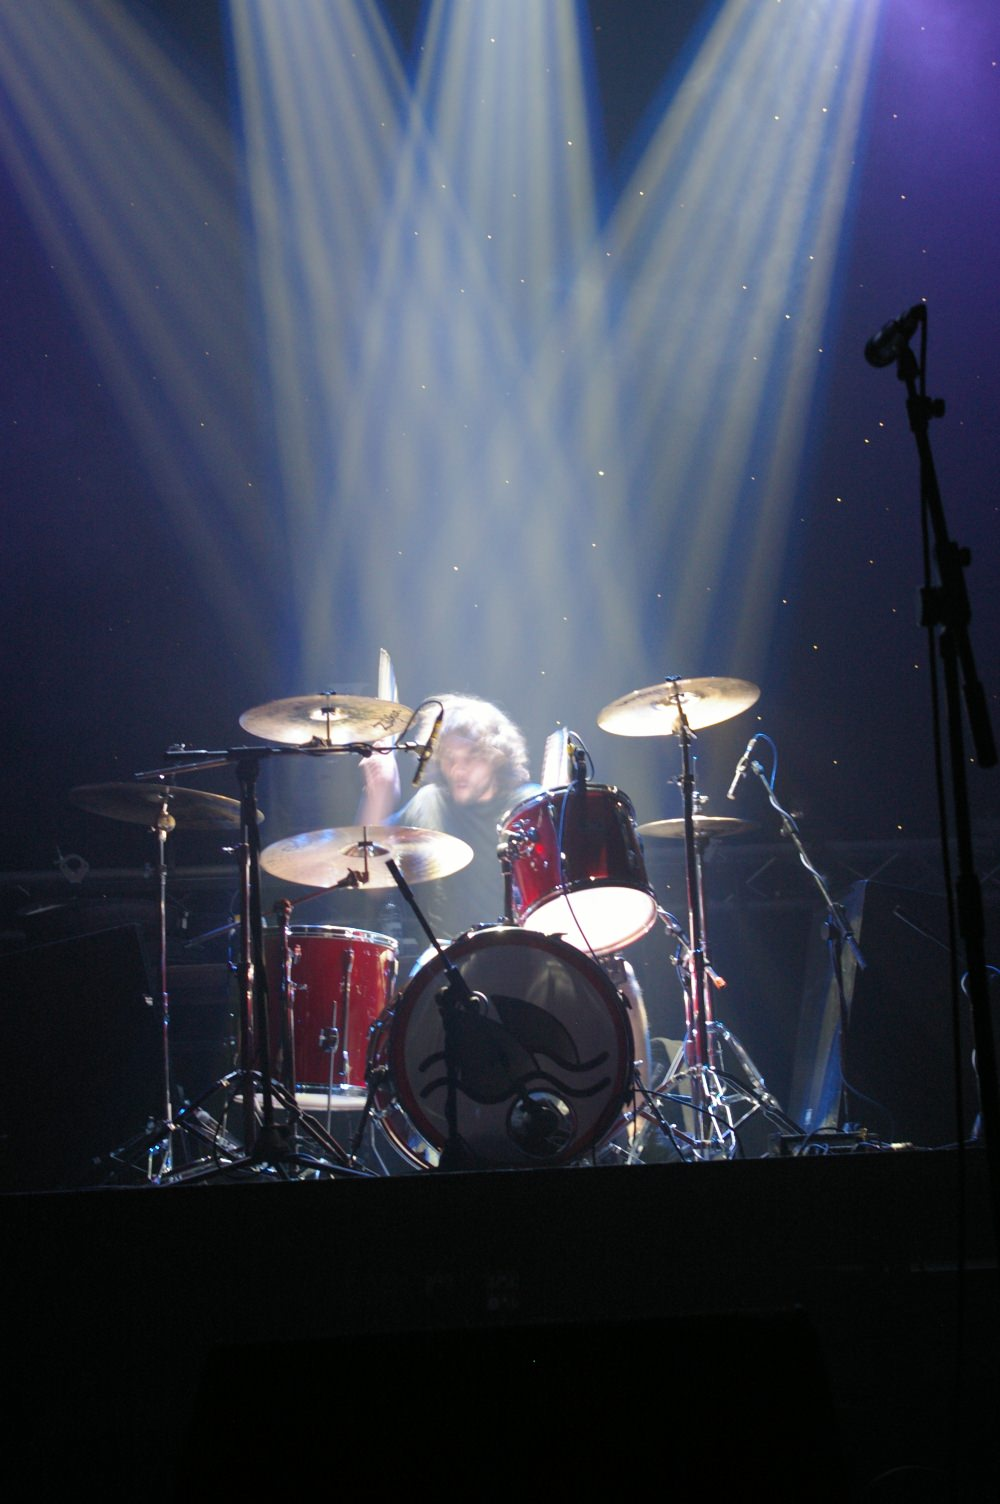 Lawrence under lights